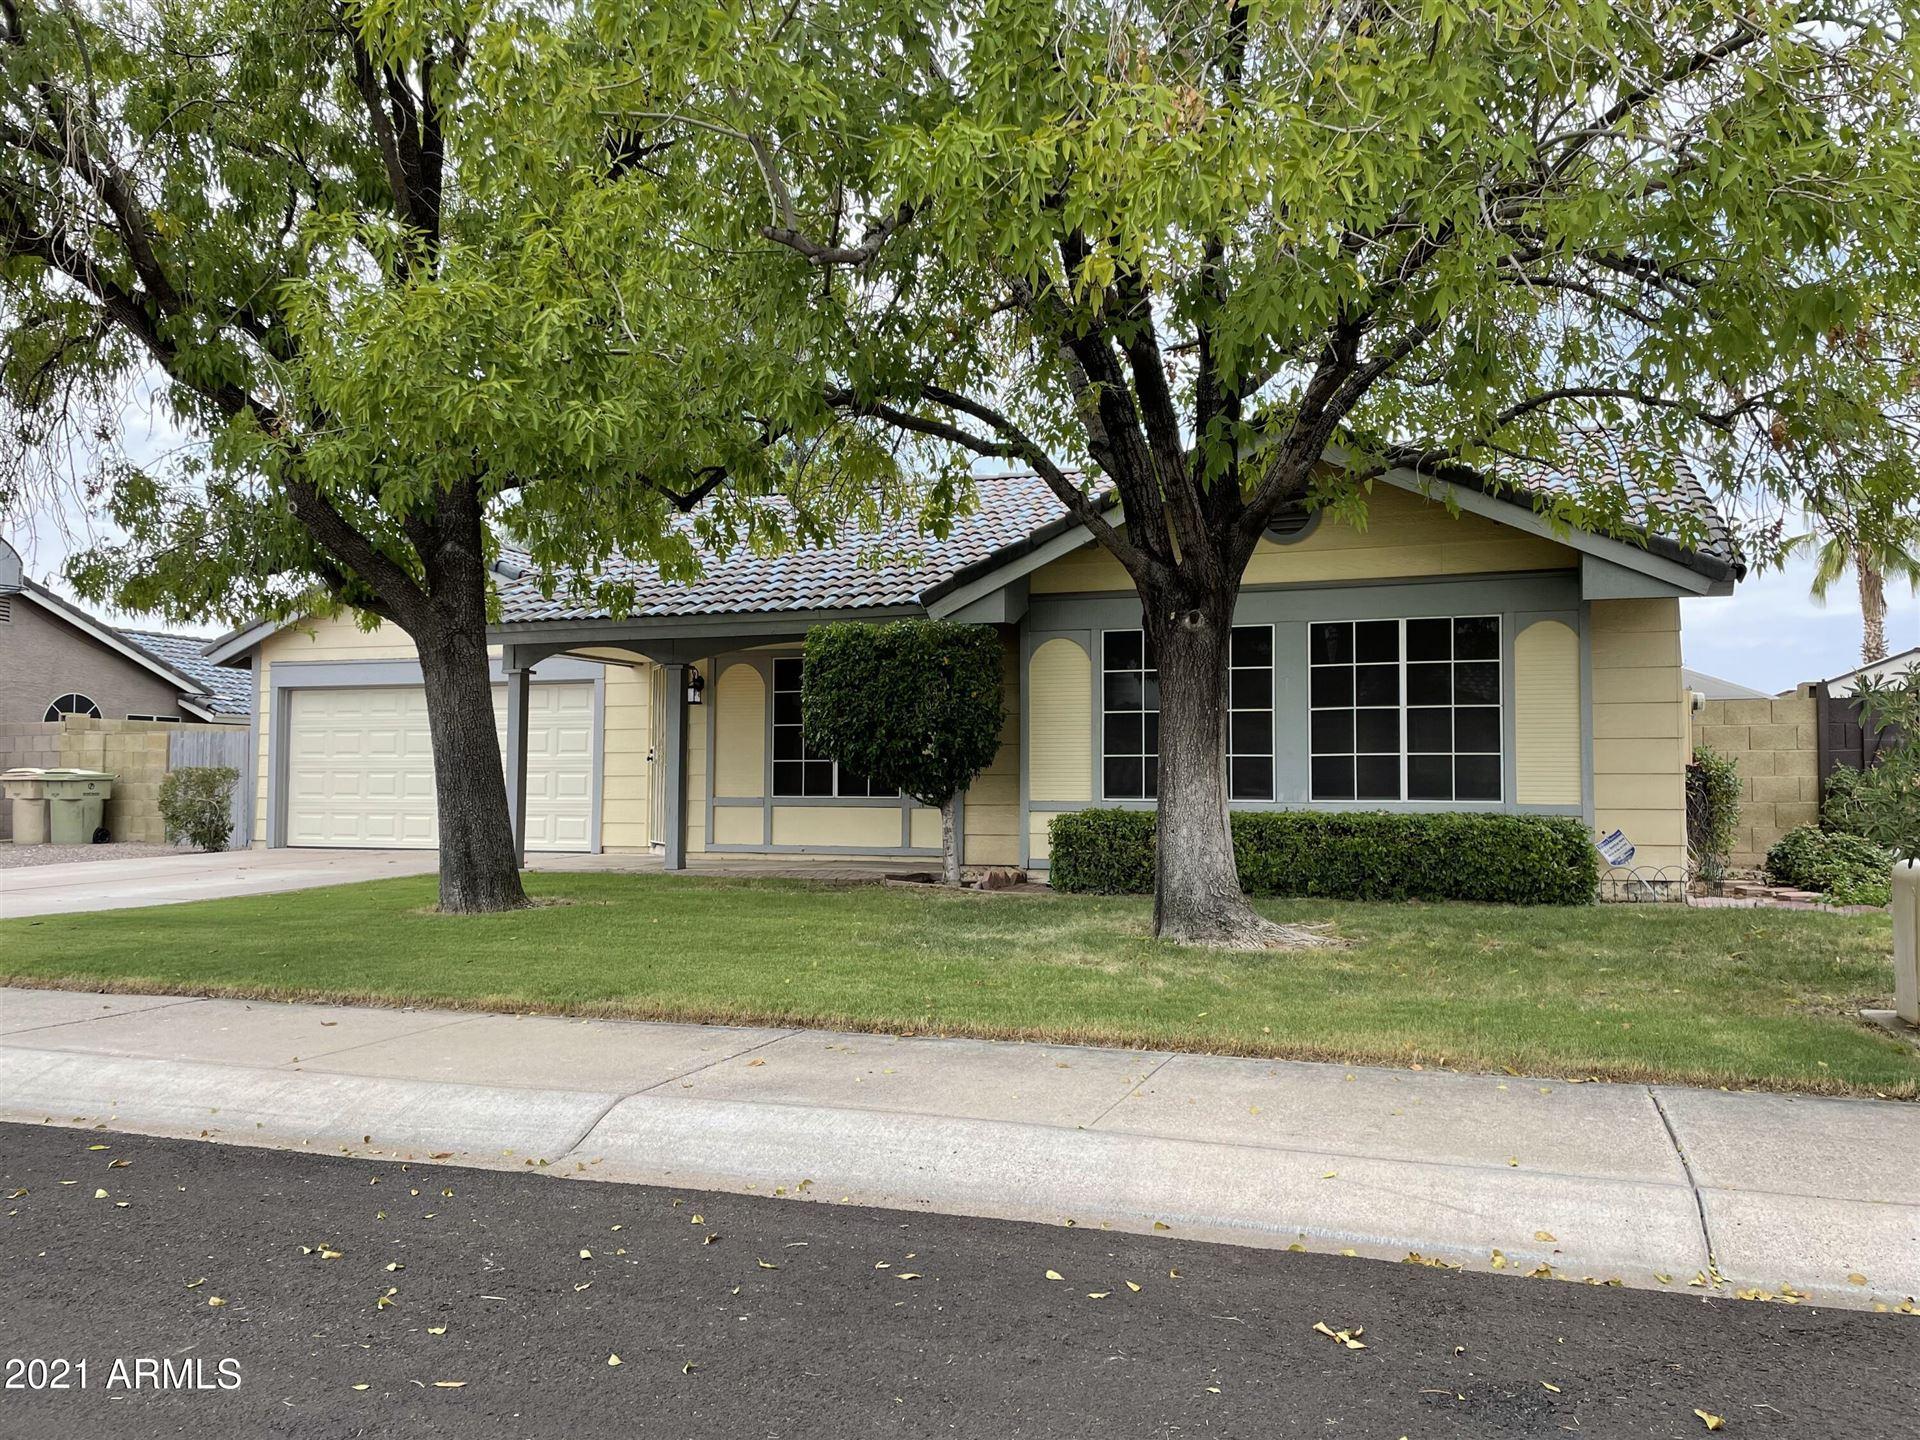 Photo of 18420 N 56TH Lane, Glendale, AZ 85308 (MLS # 6295385)